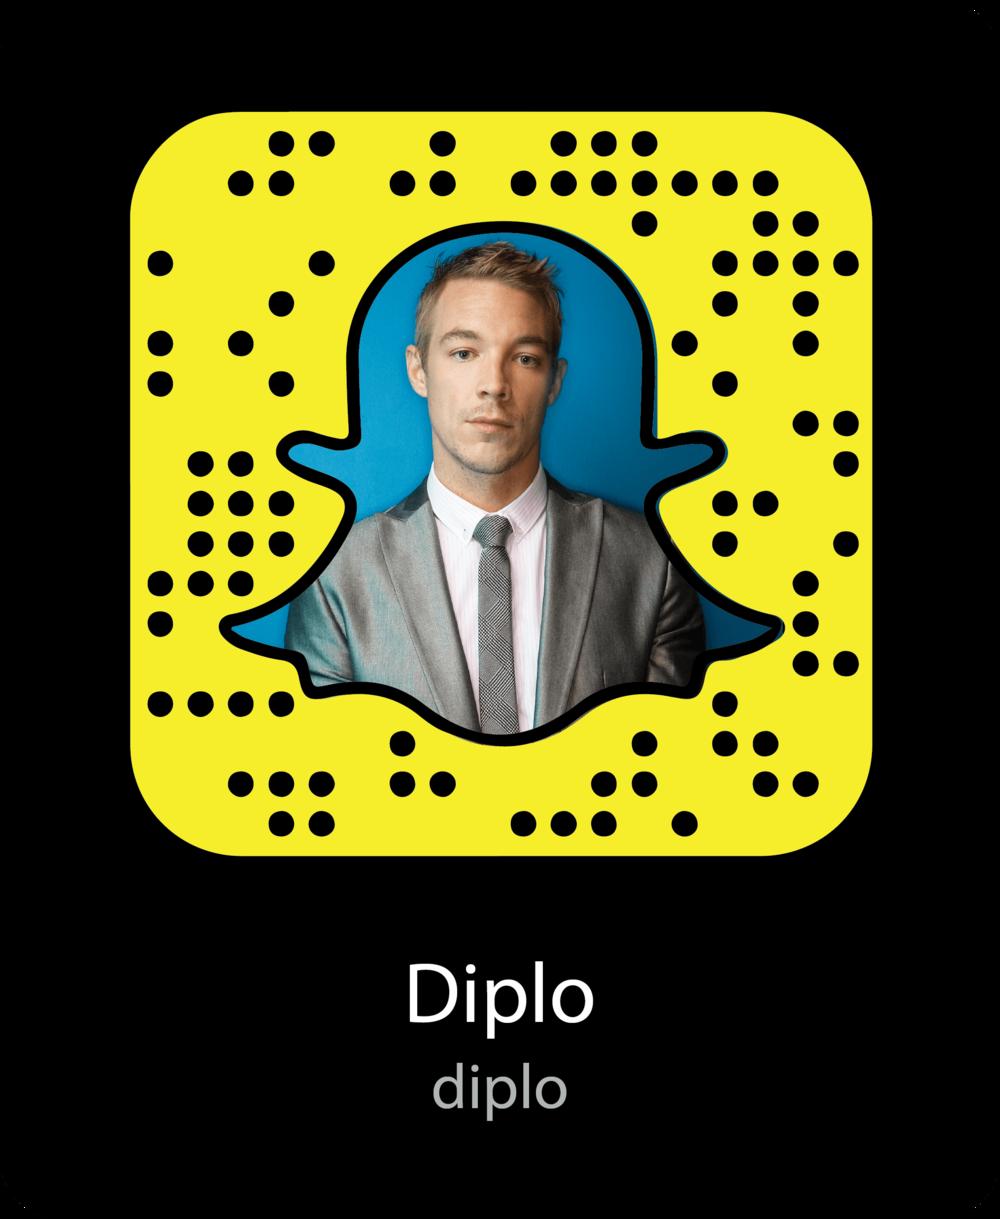 diplo-celebrity-snapchat-snapcode